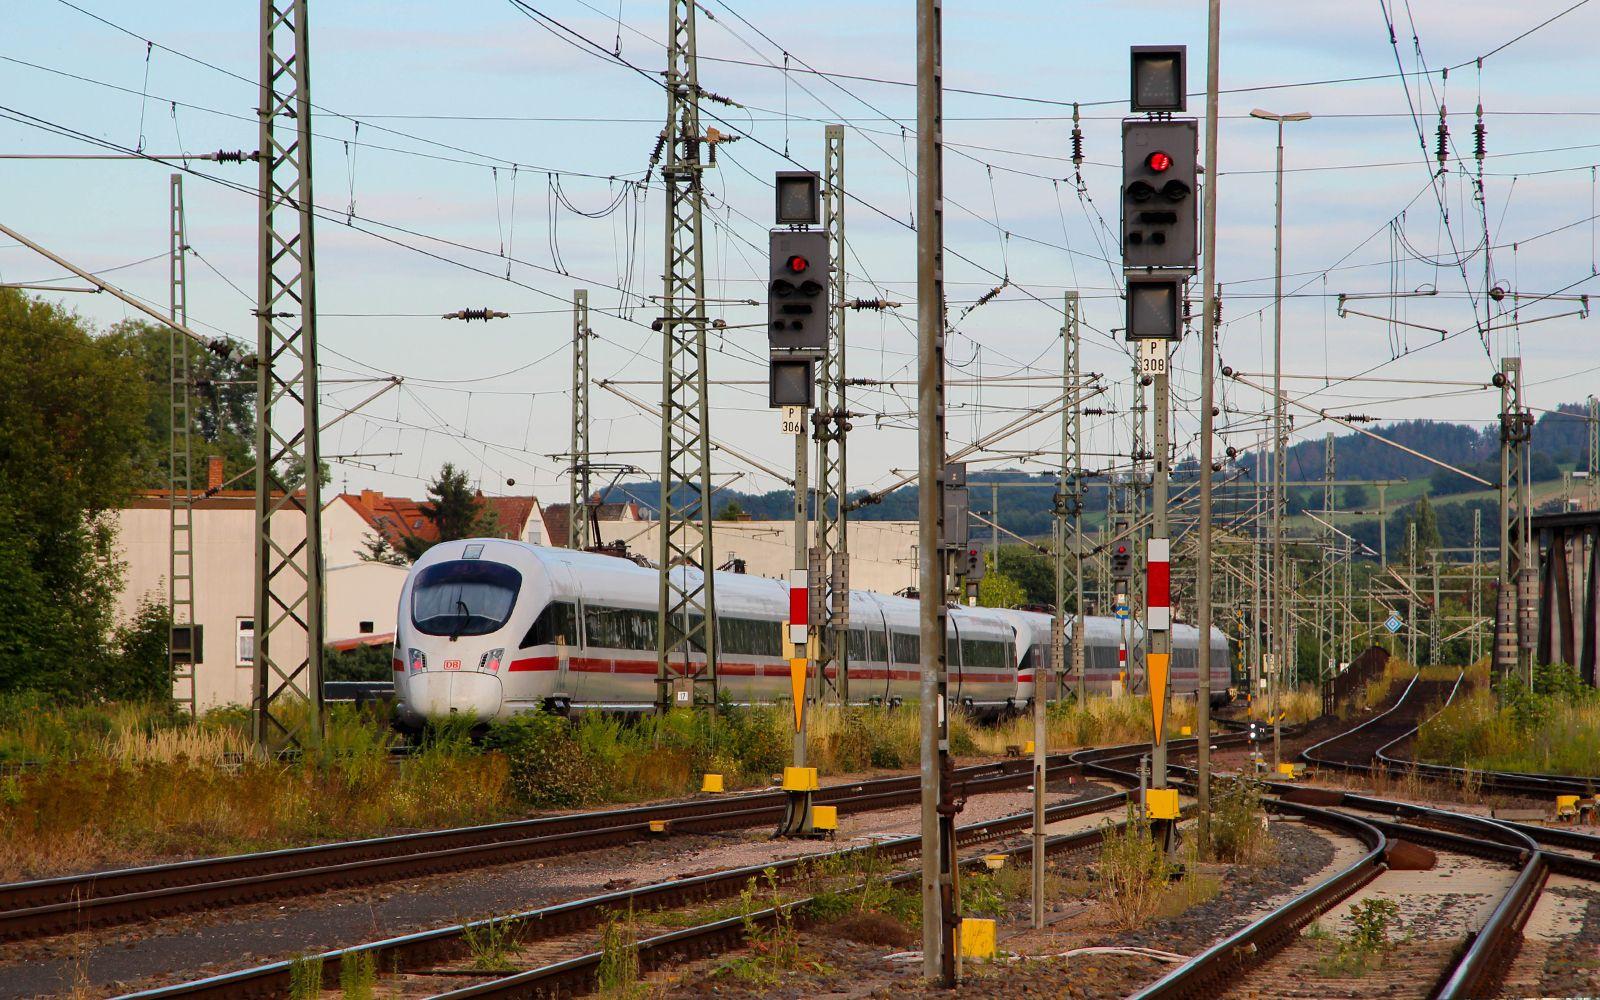 ©Foto: Denis Herwig | railmen | Lokführer im Dienst für InfraLeuna | ICE schlängelt sich durch das Schienennetz bei Eisenach | Zugüberholung